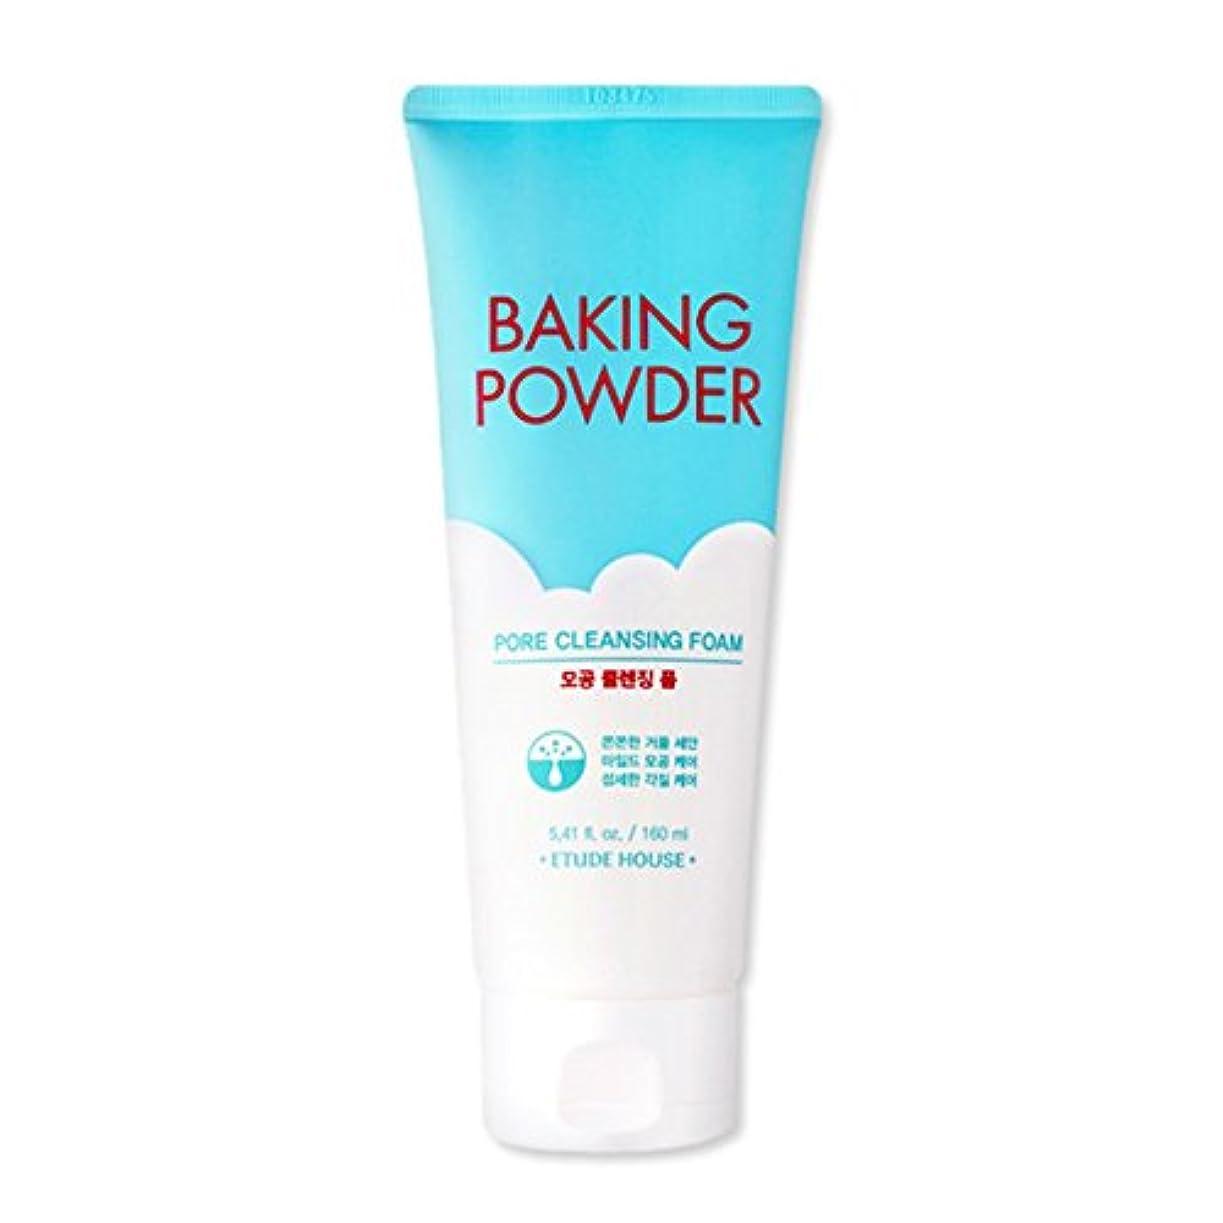 目に見える動機バーベキュー[2016 Upgrade!] ETUDE HOUSE Baking Powder Pore Cleansing Foam 160ml/エチュードハウス ベーキング パウダー ポア クレンジング フォーム 160ml